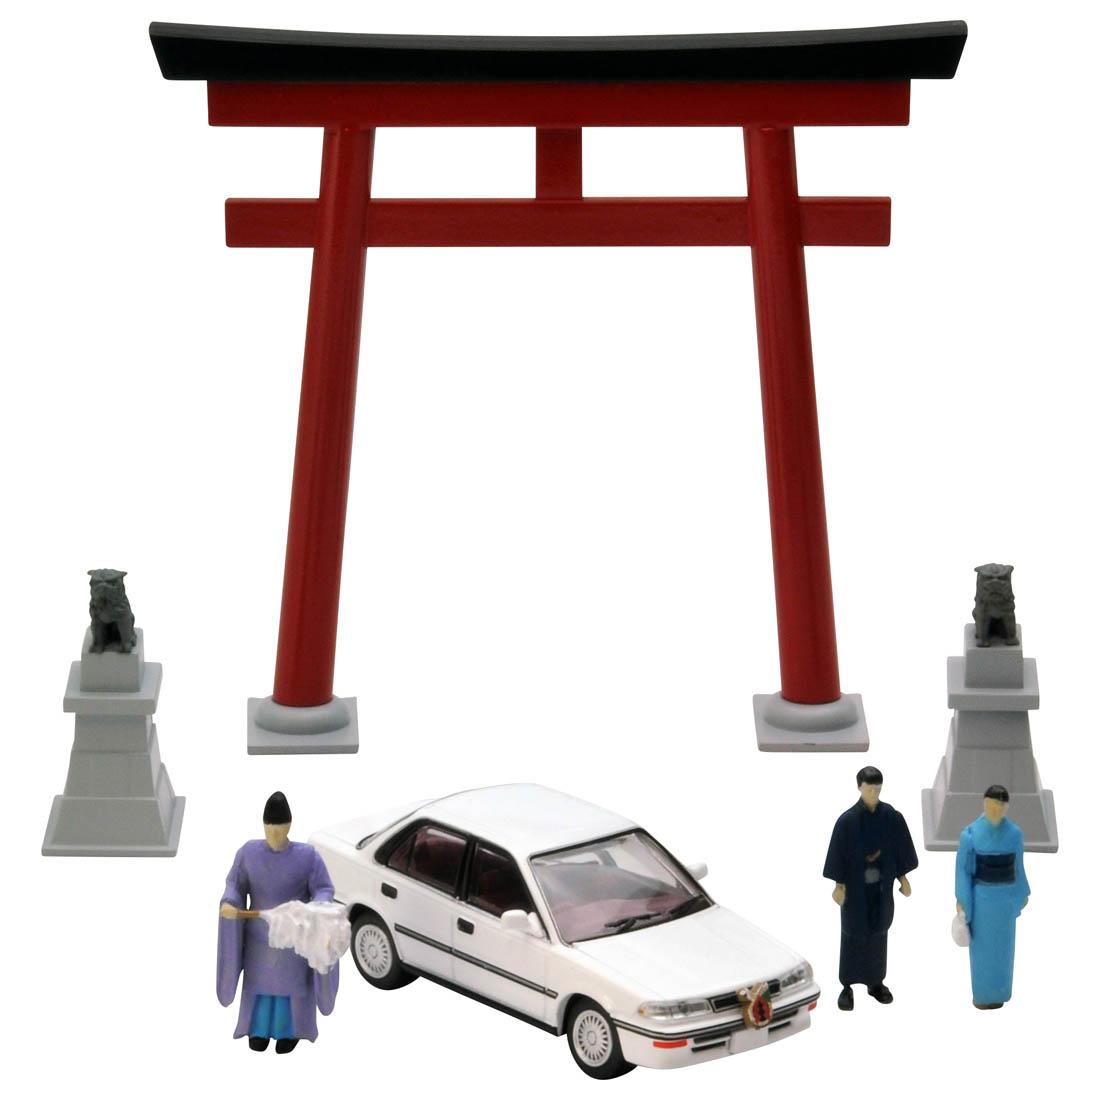 ジオラマコレクション『ジオコレ64 #カースナップ03a 初詣』1/64 ミニカー-001